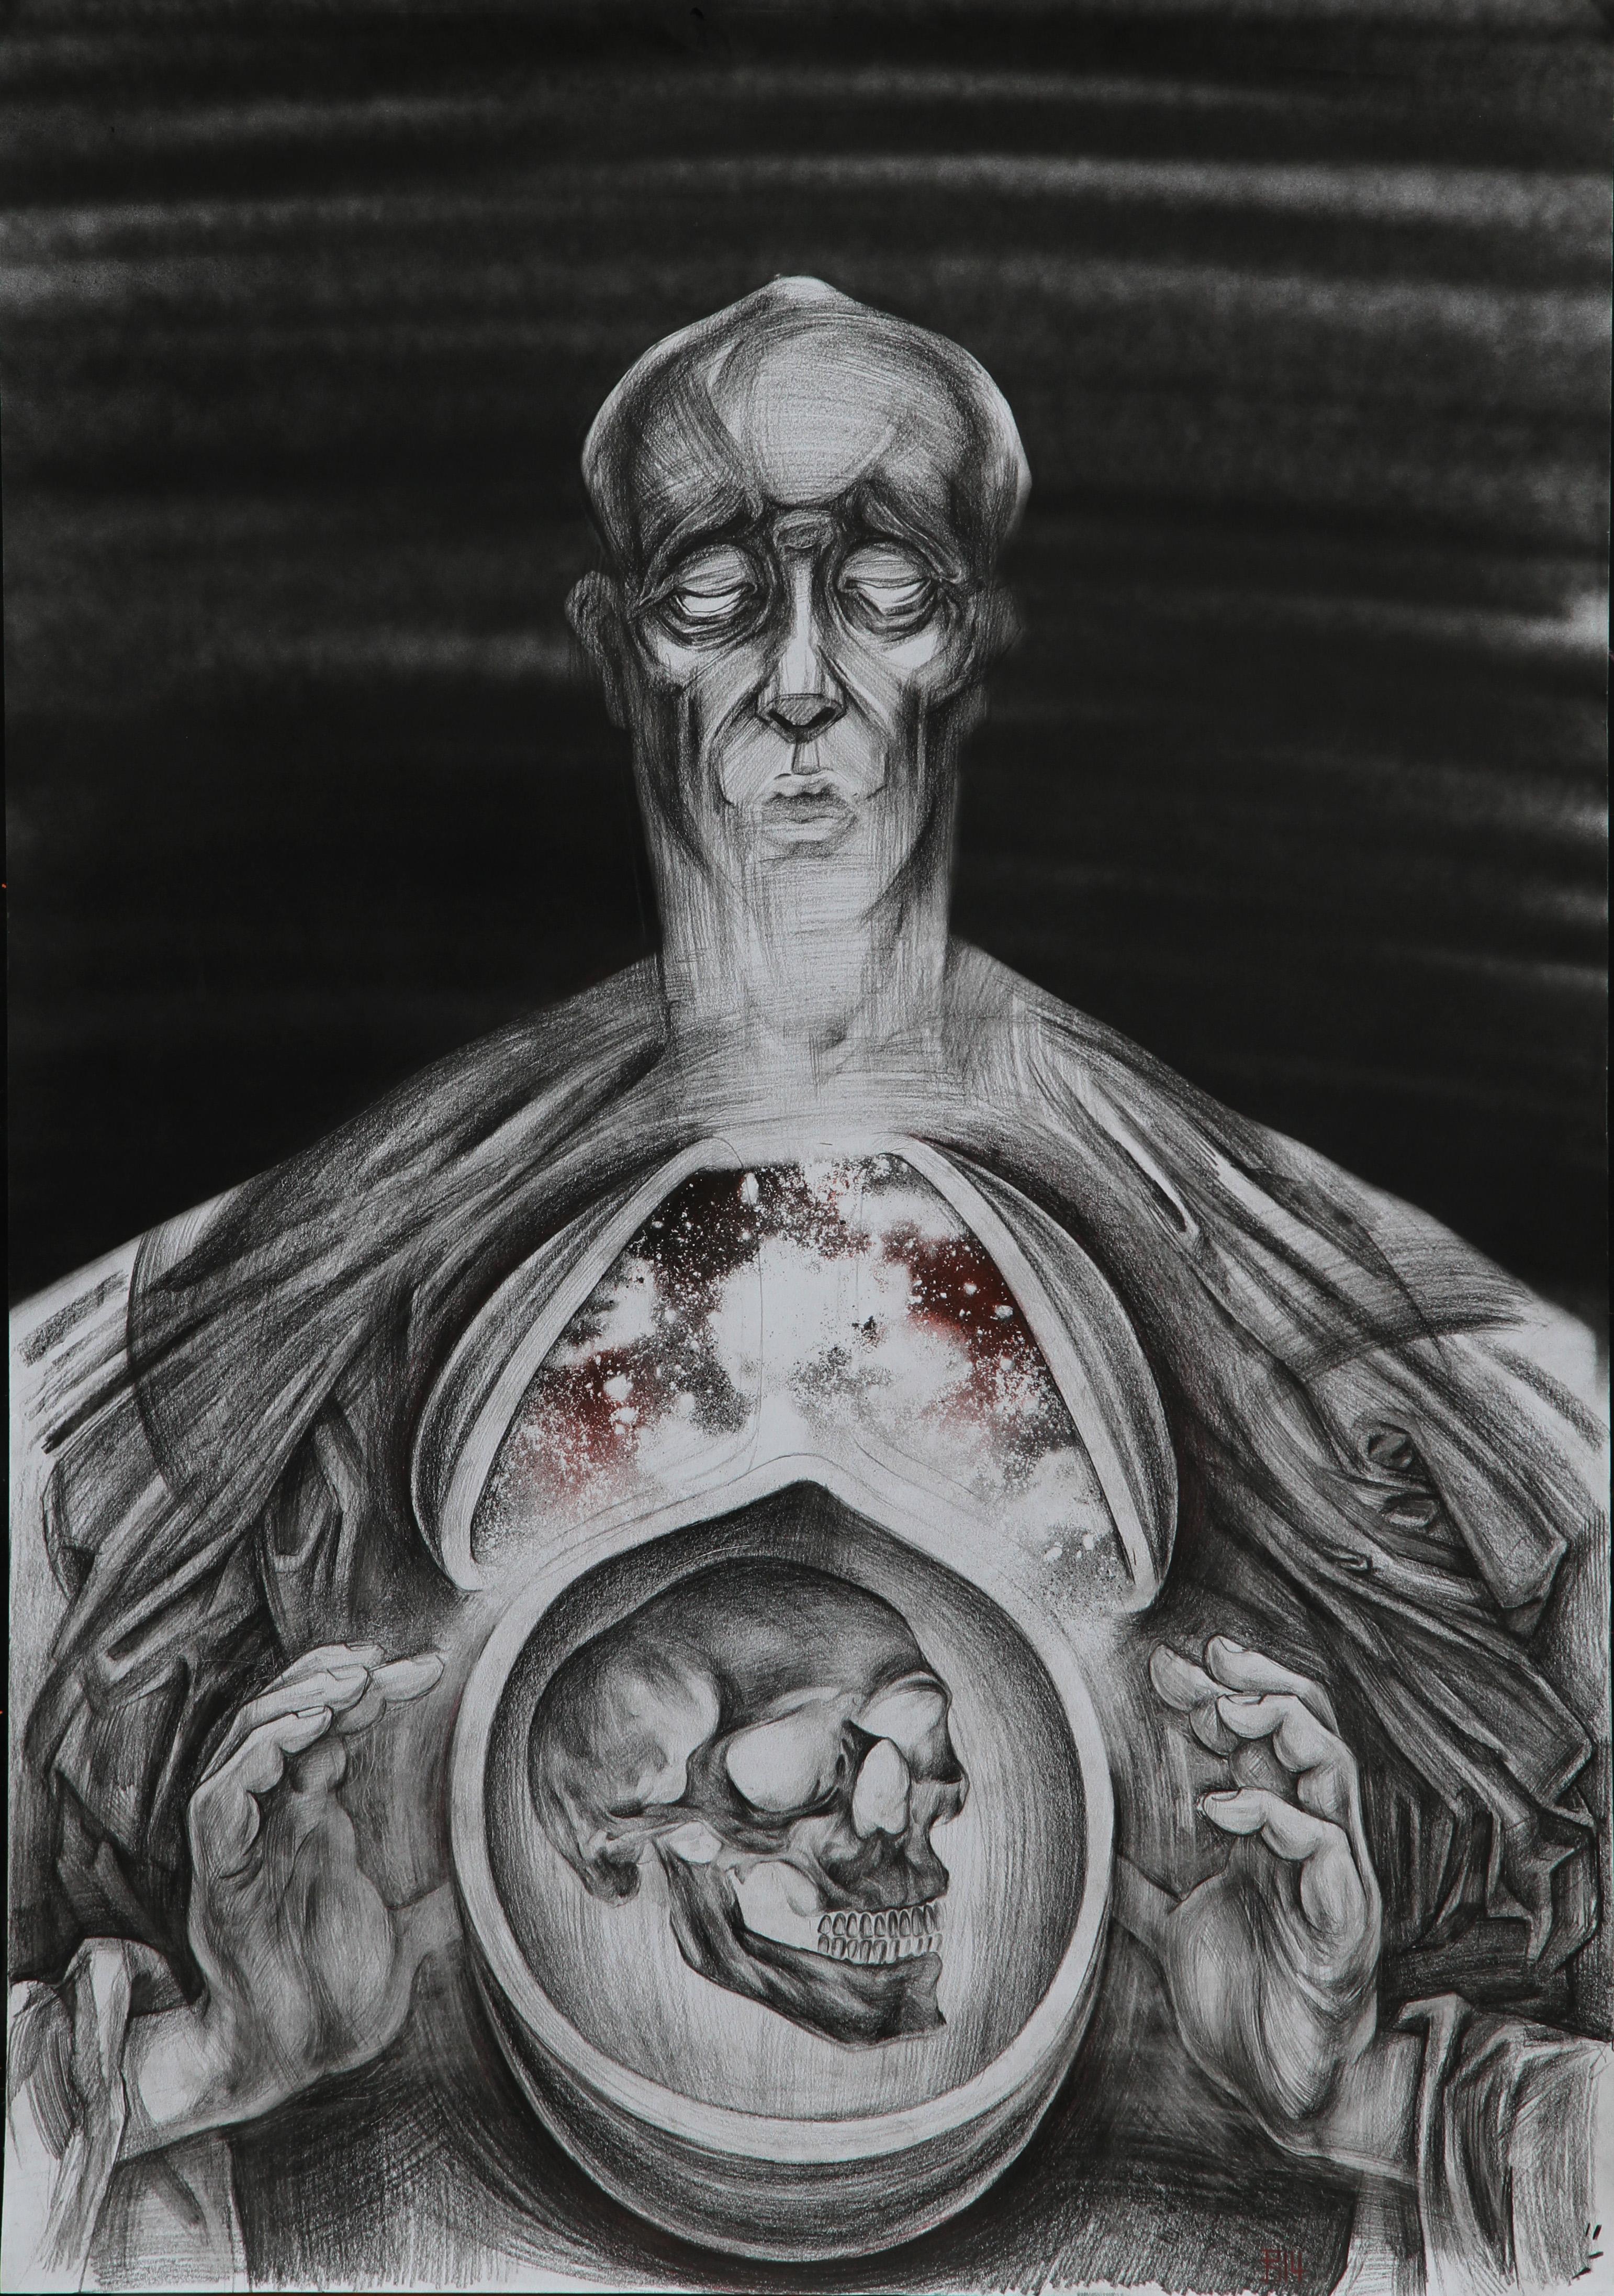 Departure drawing portrait with cranium